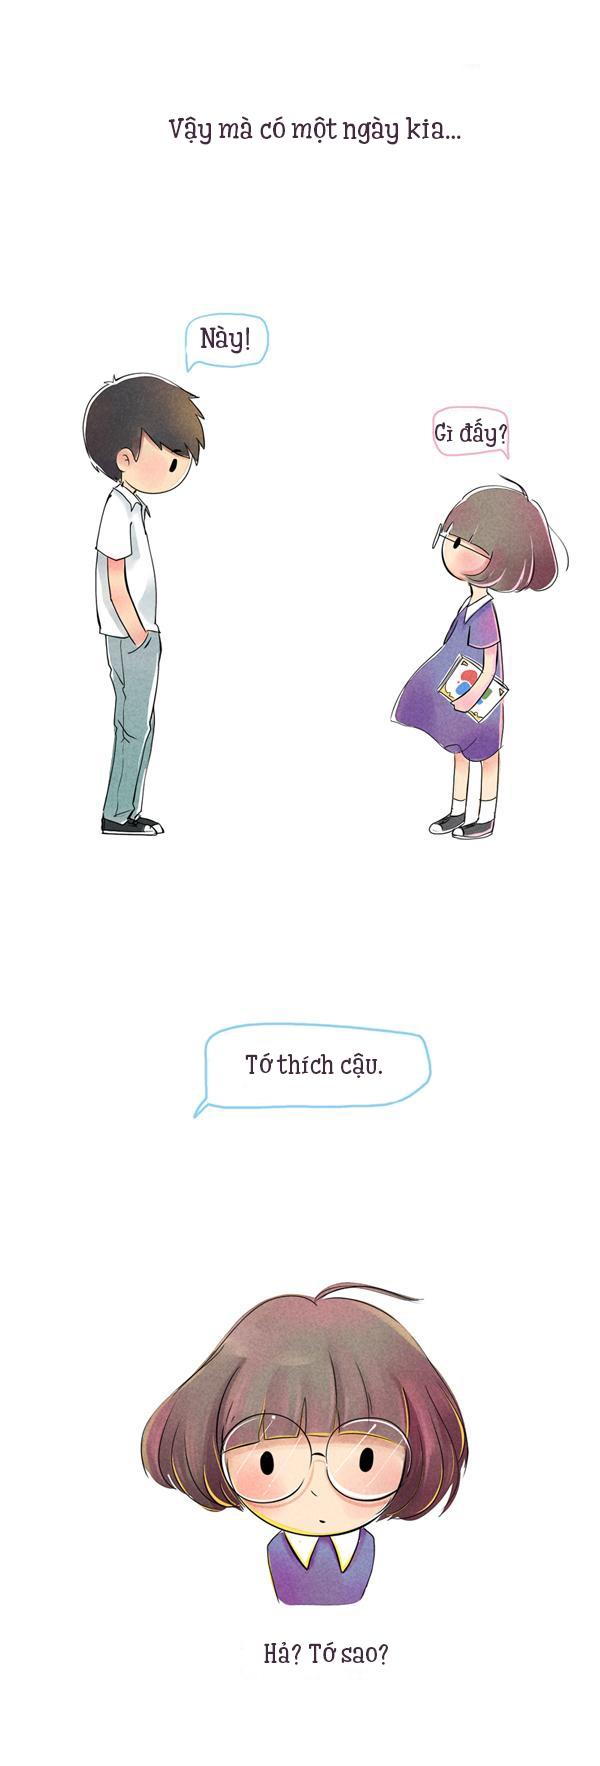 Ấy vậy mà, có người lại rung cảm vì con người bạn. (Ảnh: Internet)